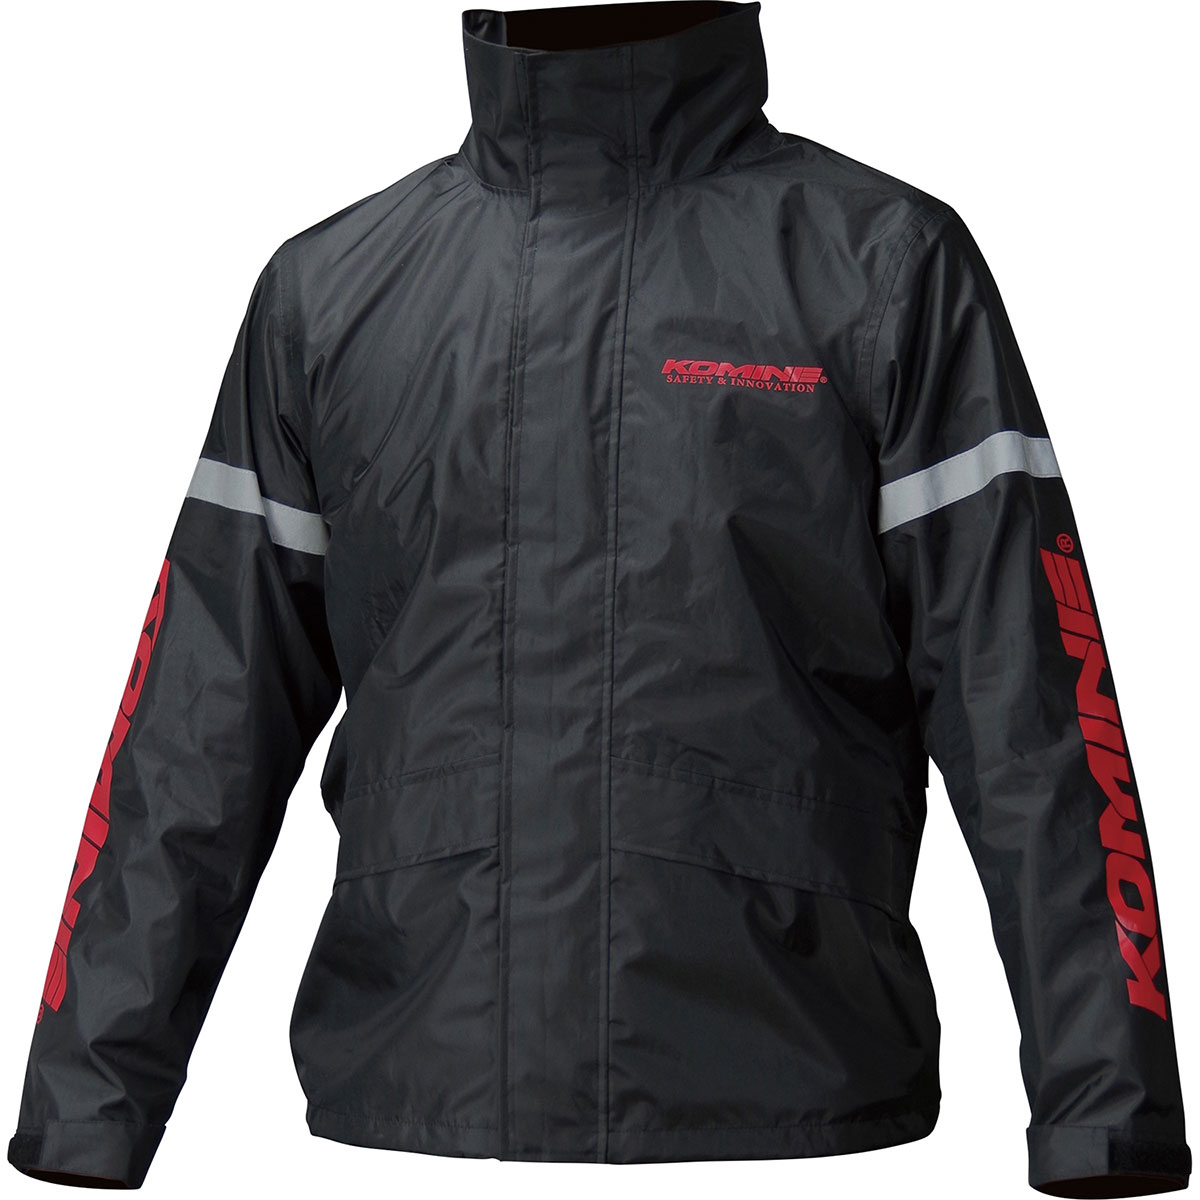 コミネ Komine バイク用 レインギア Rain gear RK-543 BK Sサイズ ブラック 卸売り 黒 S STDレインウェア 03-543 直送商品